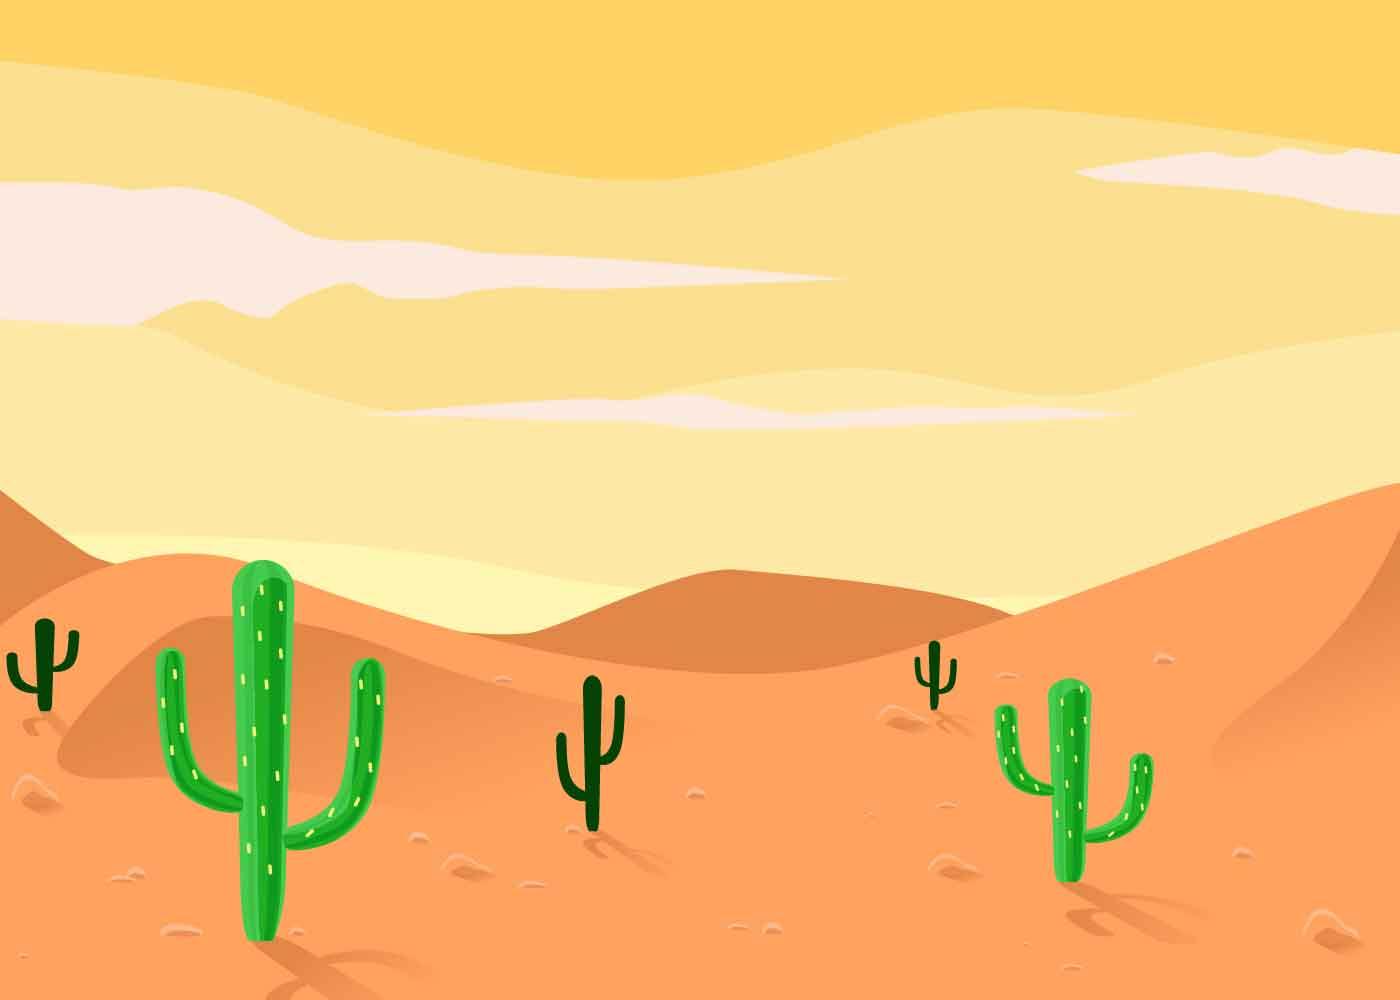 Landscape Illustration Vector Free: Desert Landscape Illustration Vector